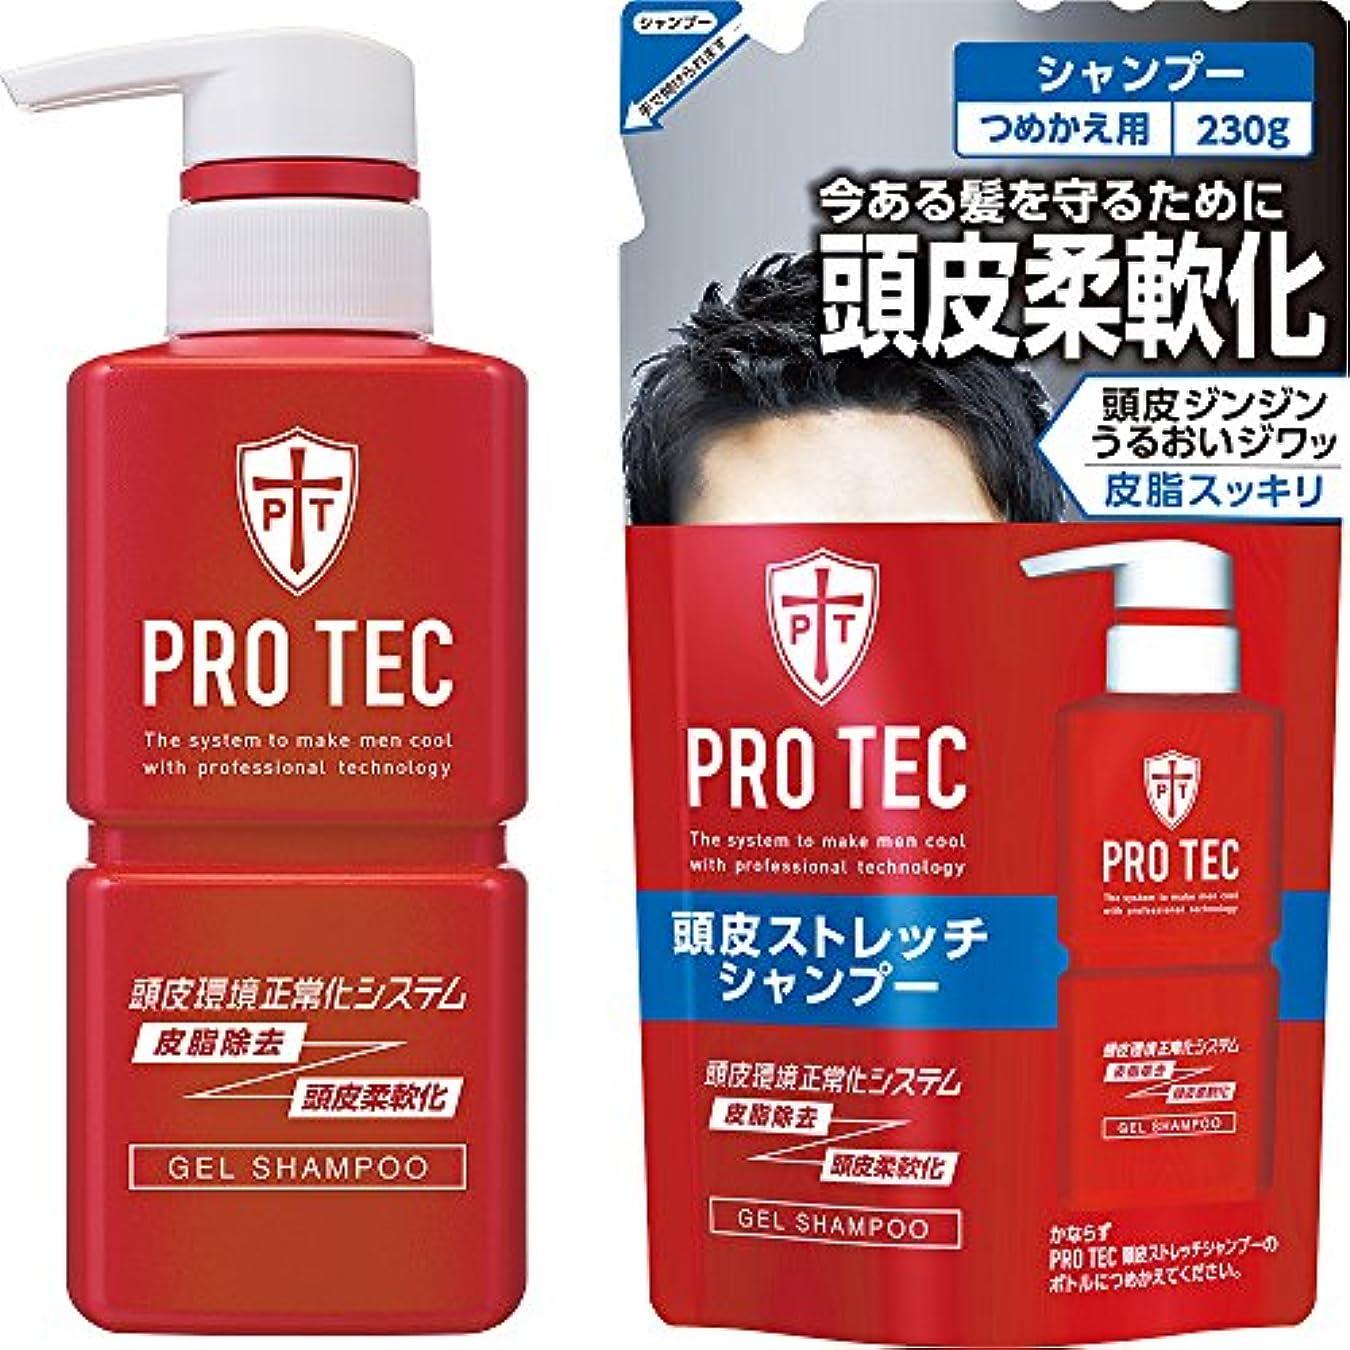 オーク回路機械PRO TEC(プロテク) 頭皮ストレッチシャンプー 本体ポンプ300g+詰め替え230g セット(医薬部外品)